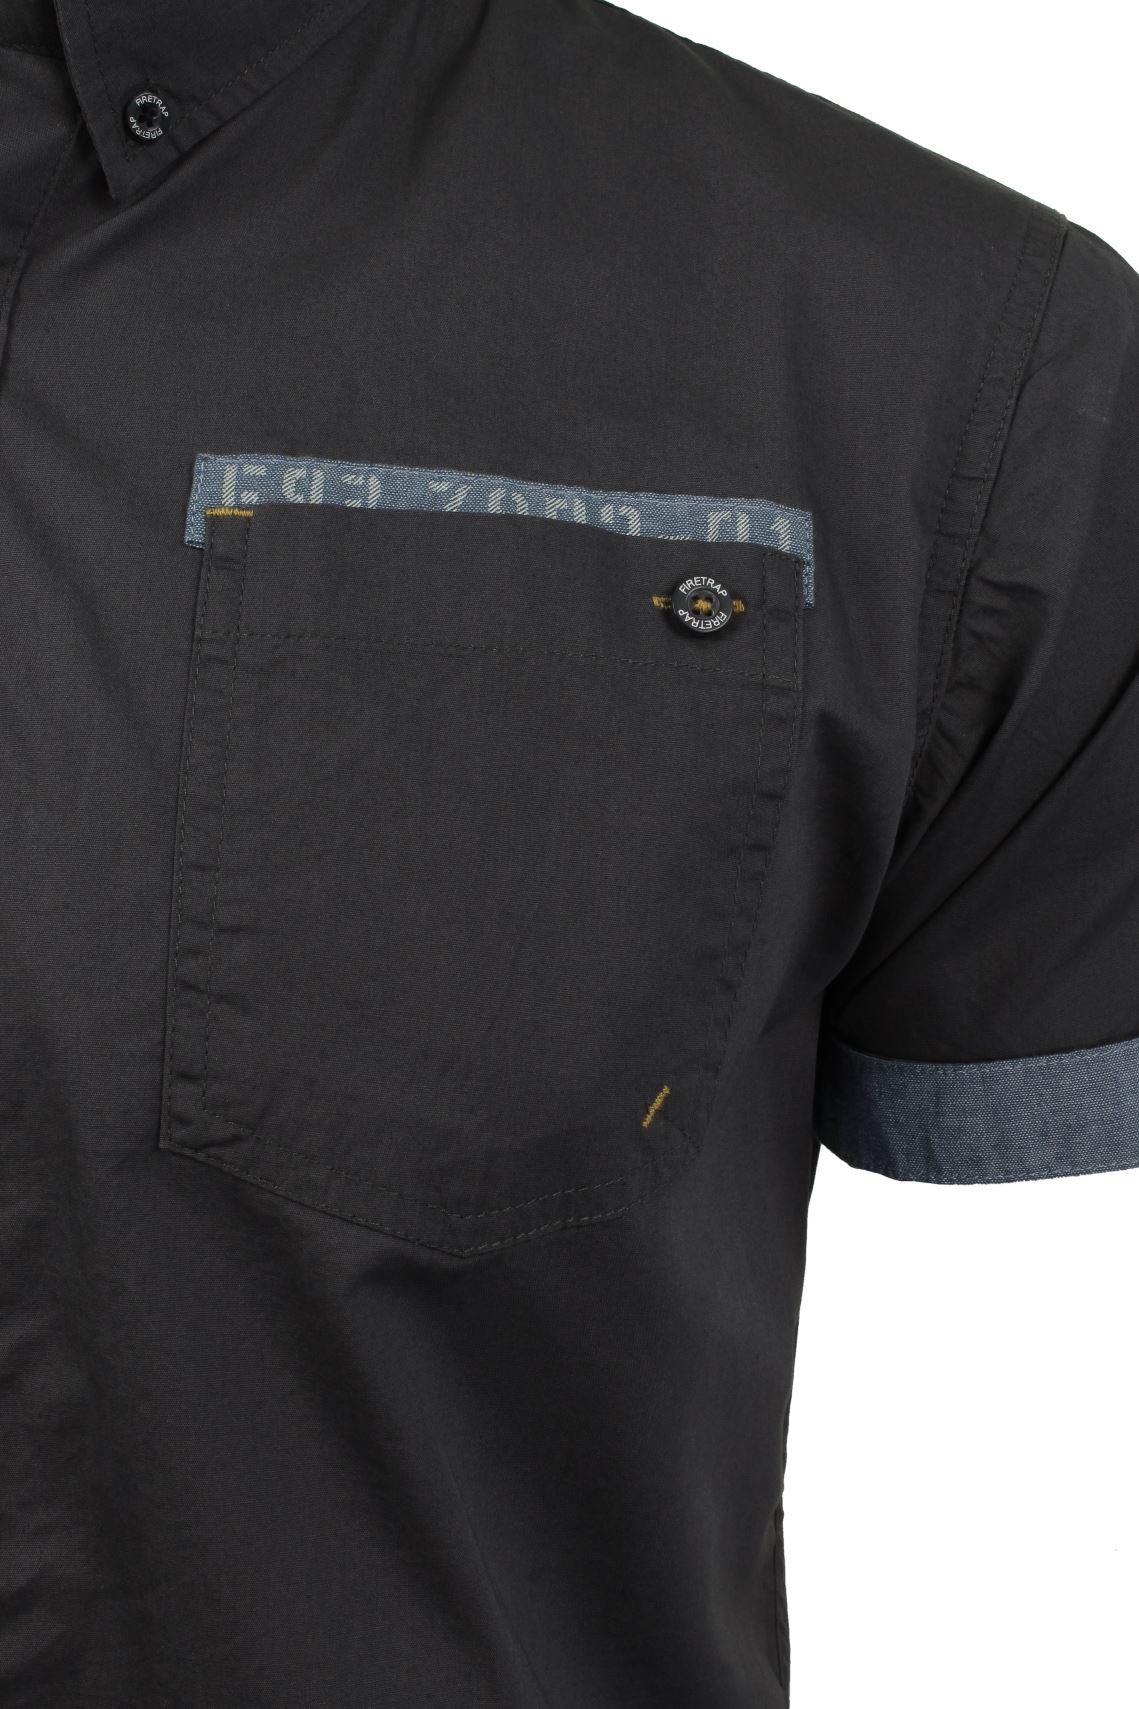 Da-Uomo-Popeline-Camicia-da-Firetrap-039-lanover-039-a-maniche-corte-Slim-Fit miniatura 16